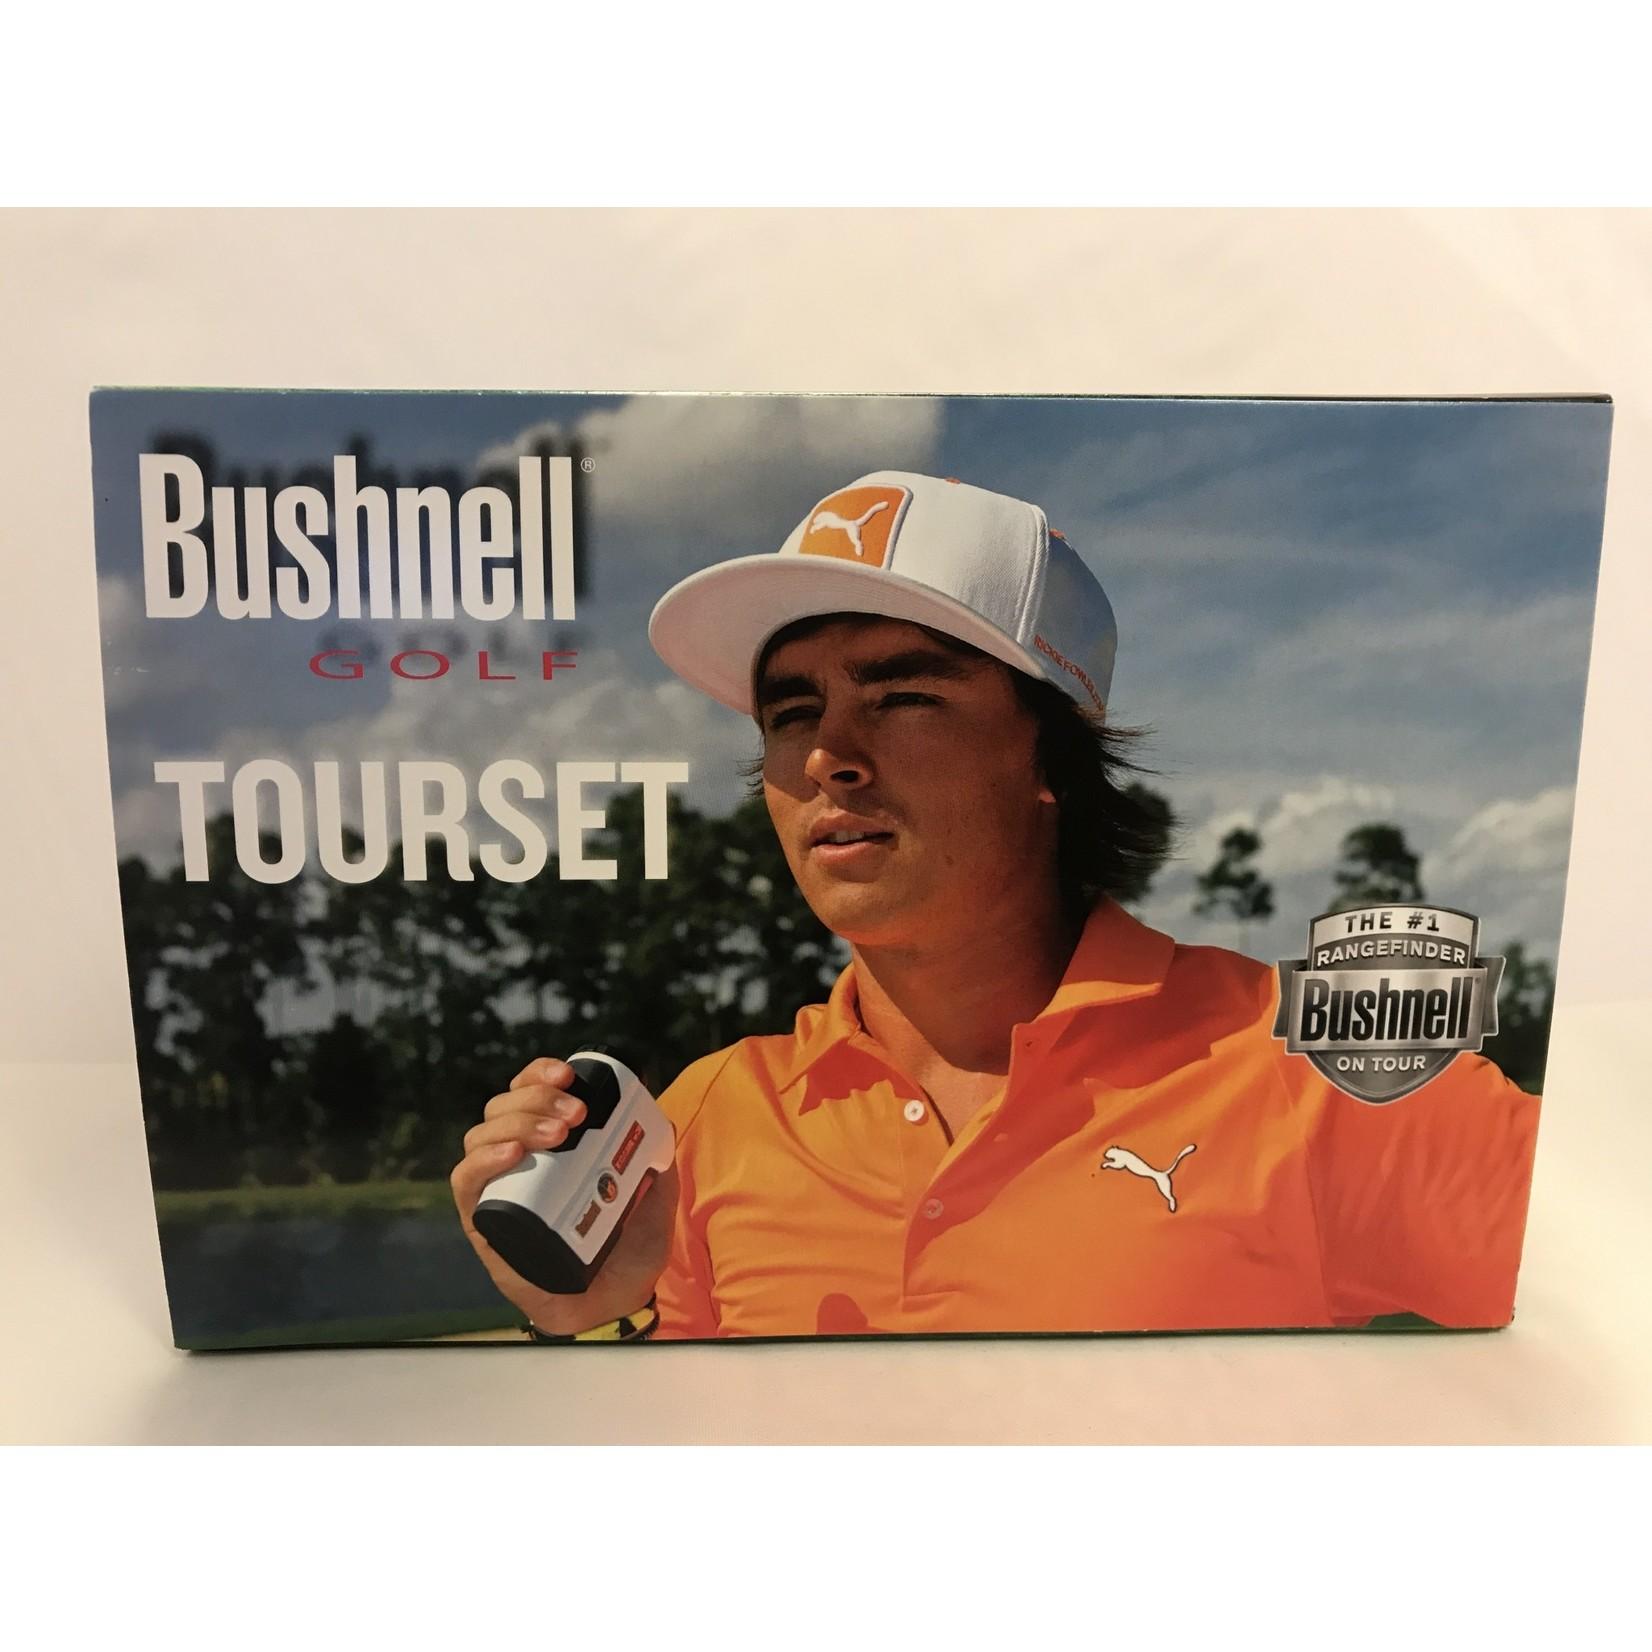 Bushnell Bushnell Golf Tour Set